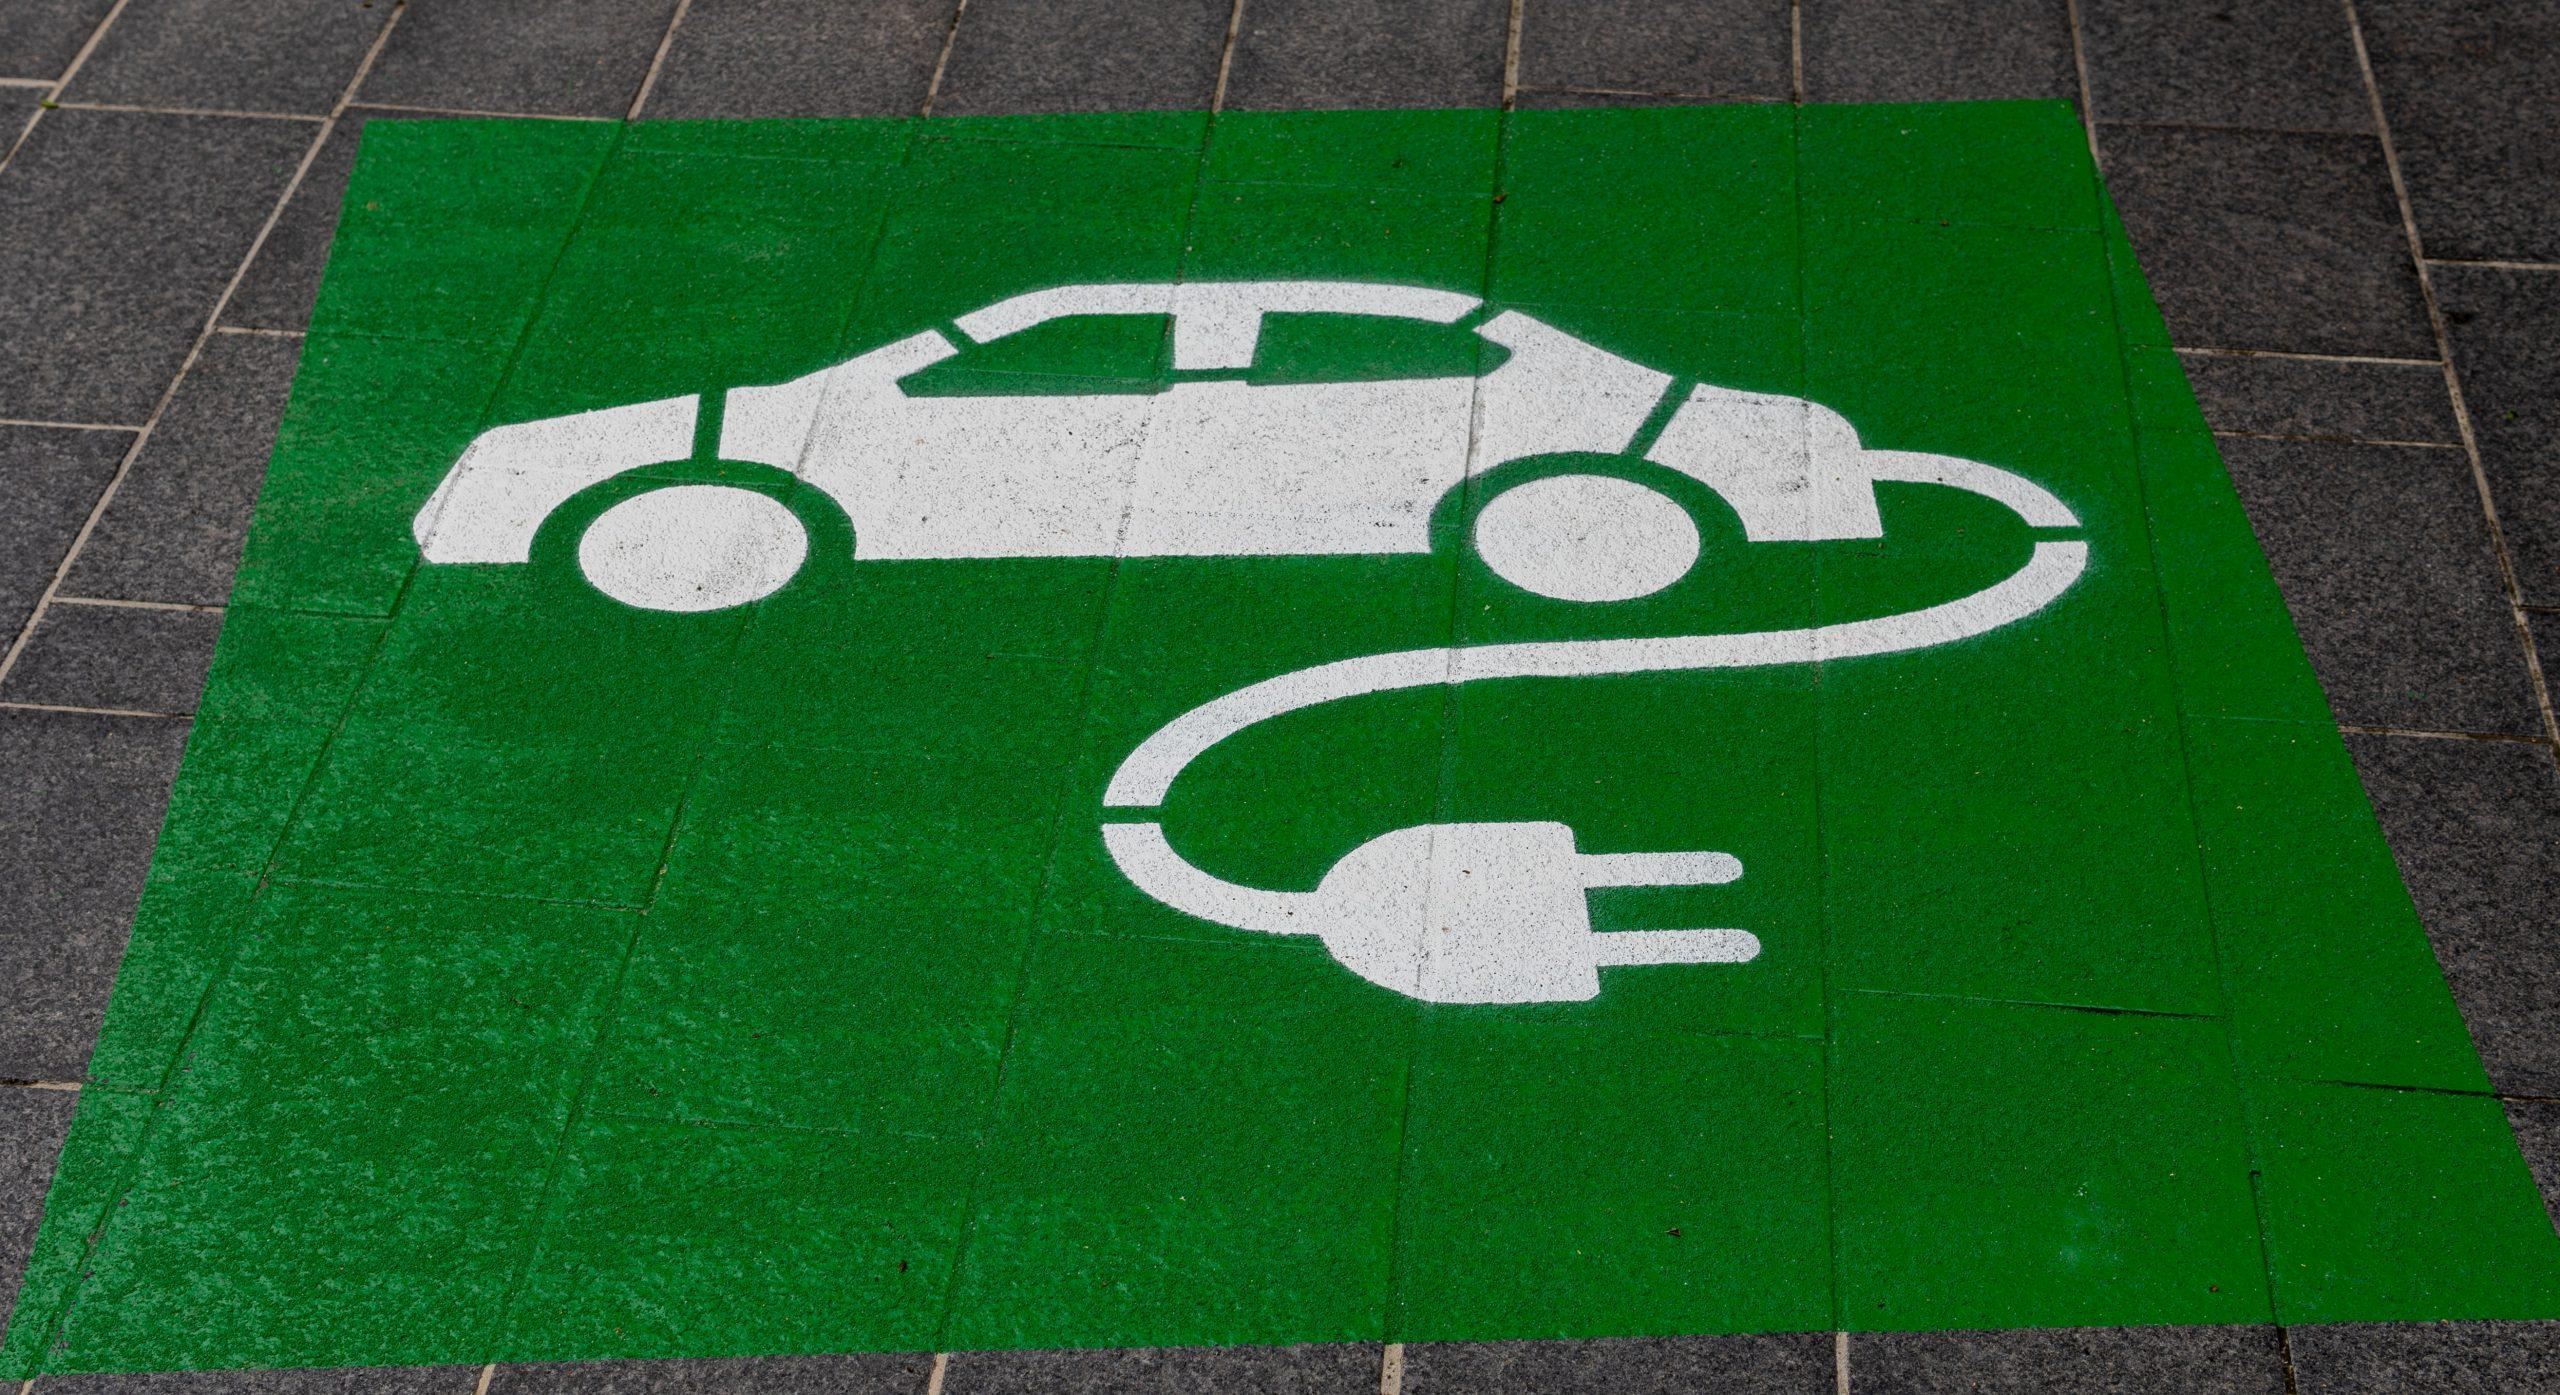 imagem de parada de veículos elétricos para abastecimento. Carro elétrico pintado de branco em retângulo verde no chão